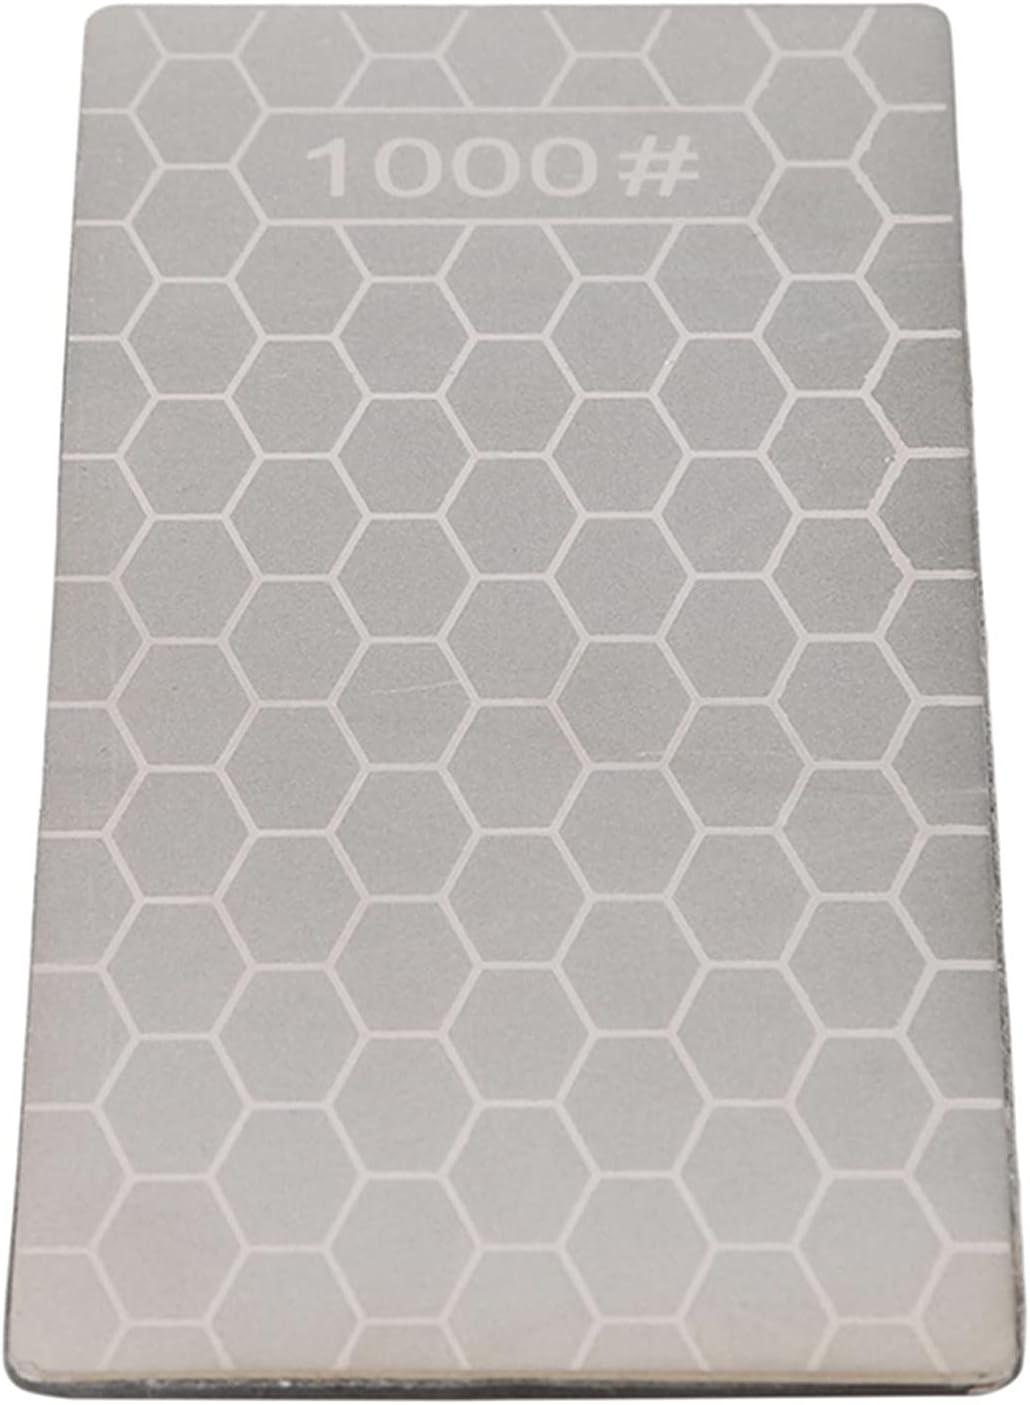 Botreelife Popular product Practical Diamond Sharpening Honeycomb Stone Surface latest